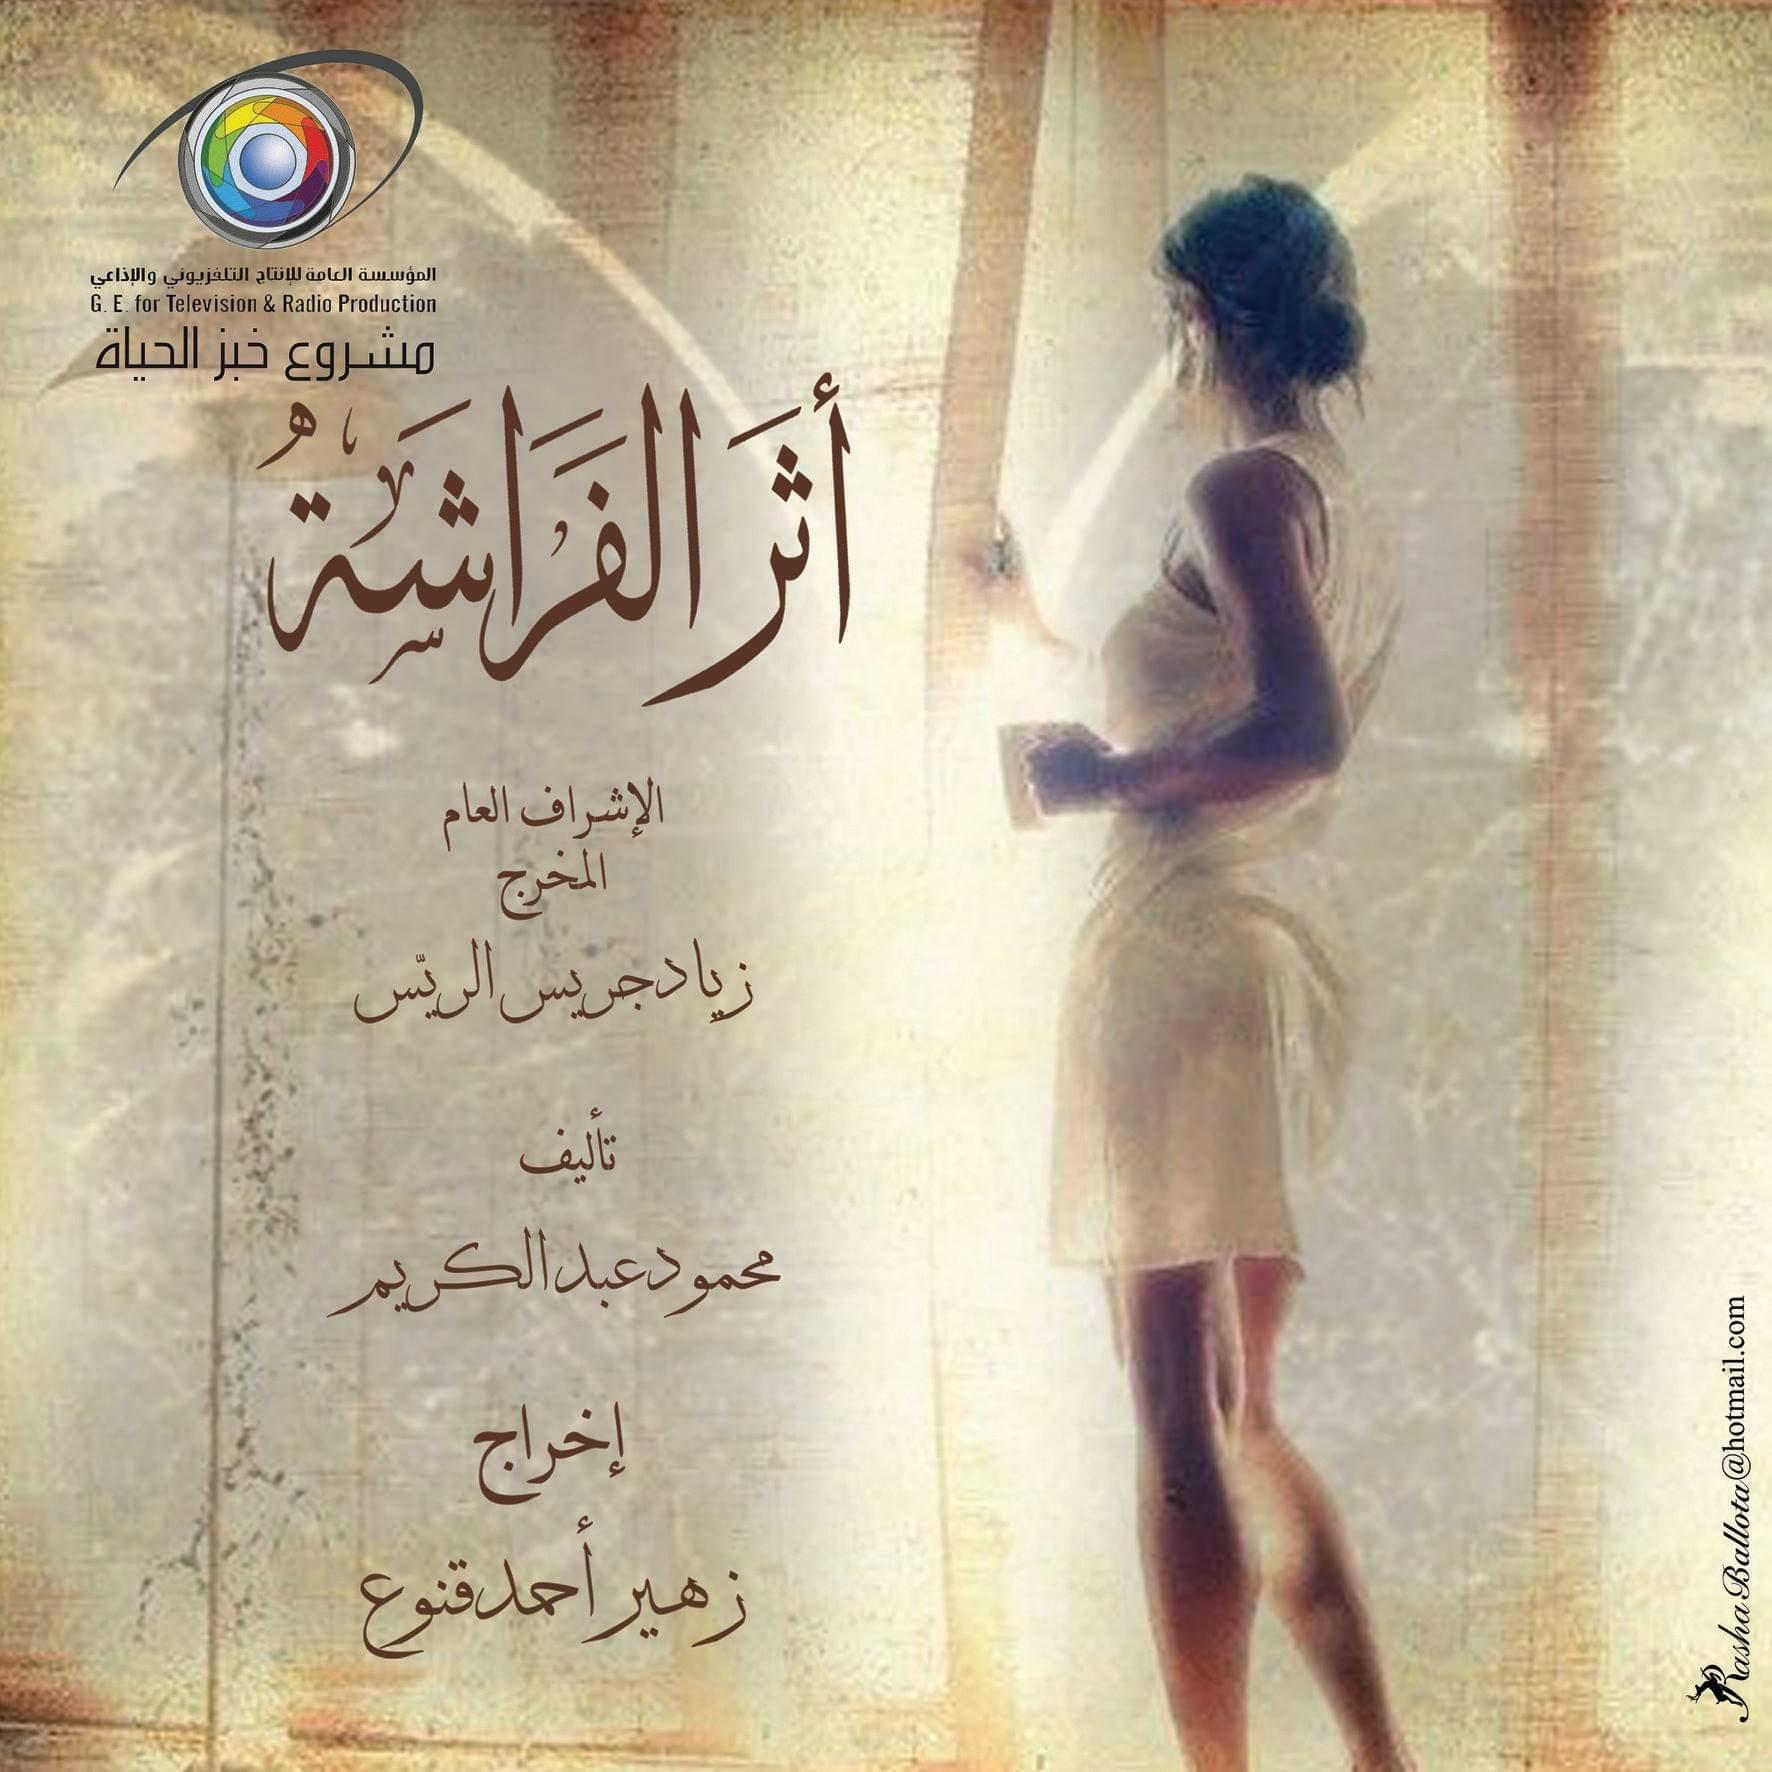 احداث وتفاصيل الحلقة 22 مسلسل أثر الفراشة رمضان 2019